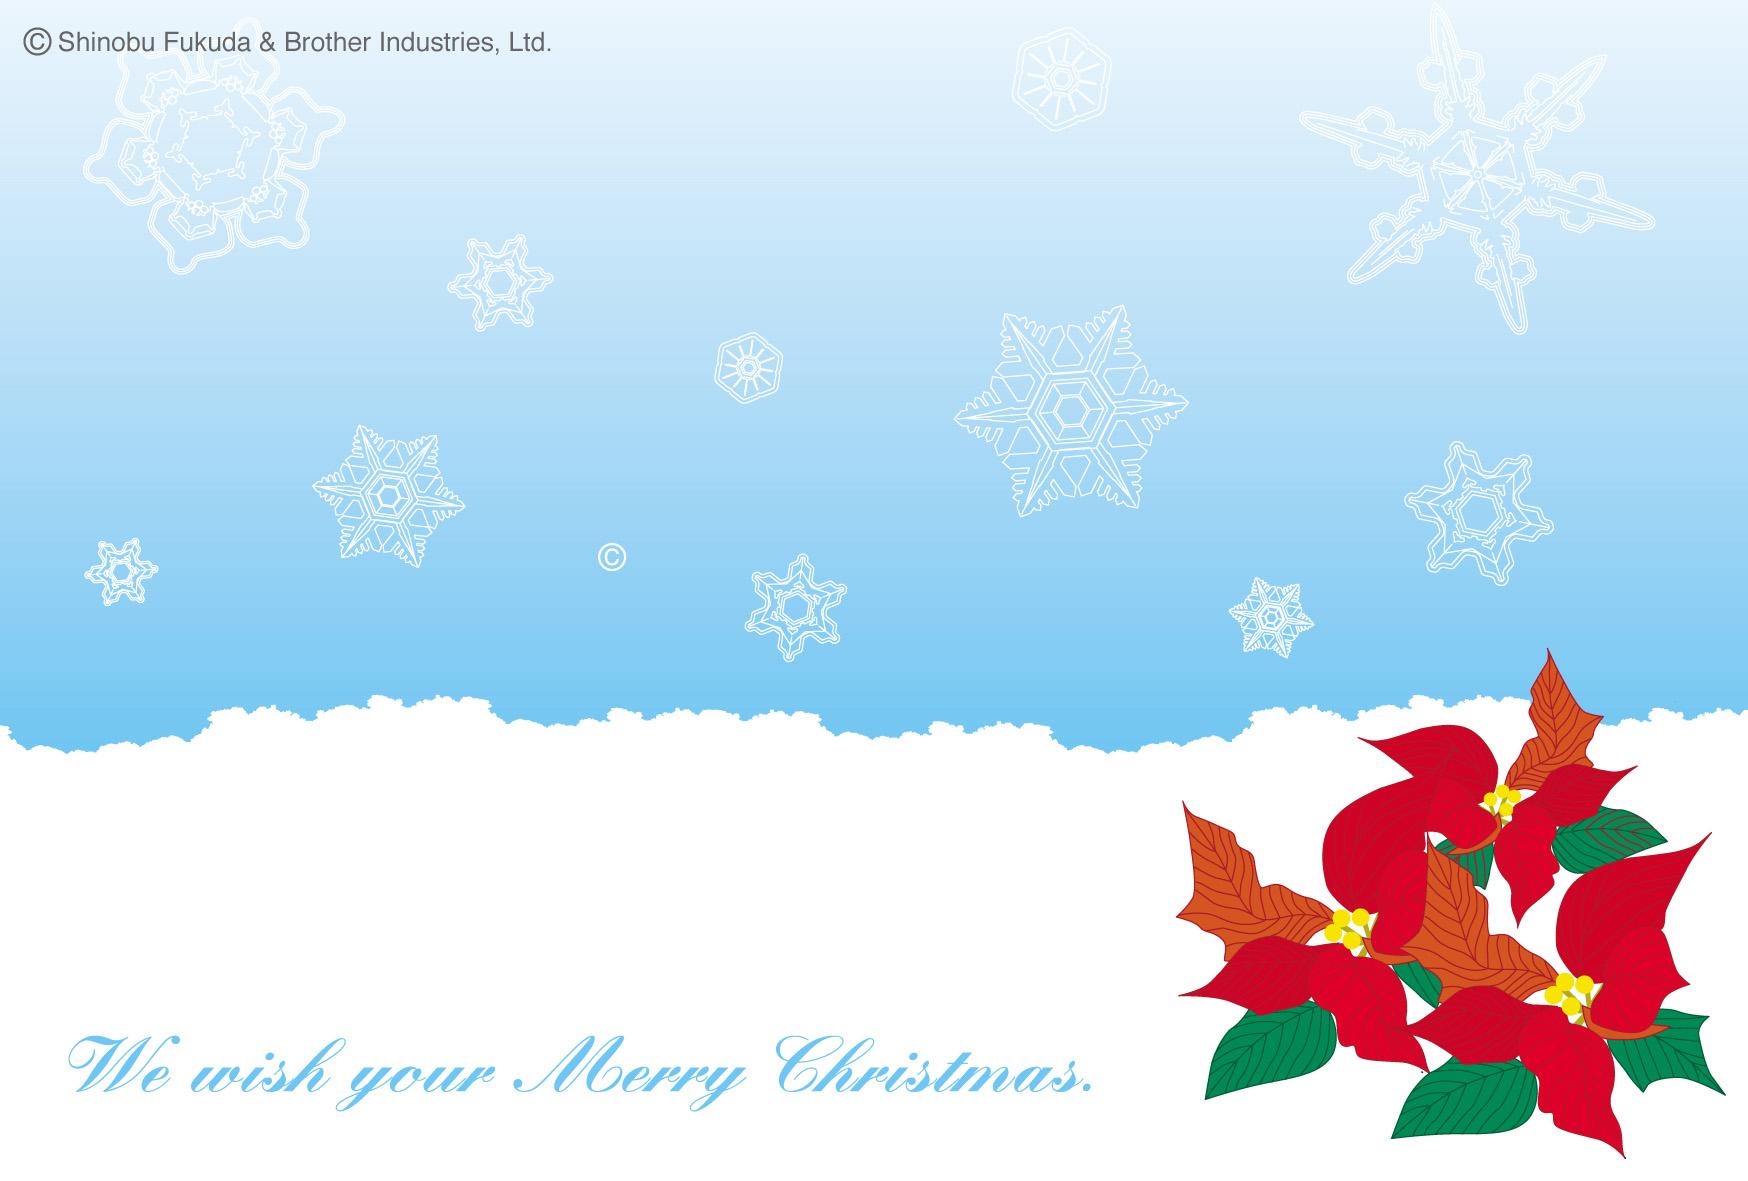 カード クリスマスカード 無料ダウンロード : ... 無料ダウンロード | ブラザー